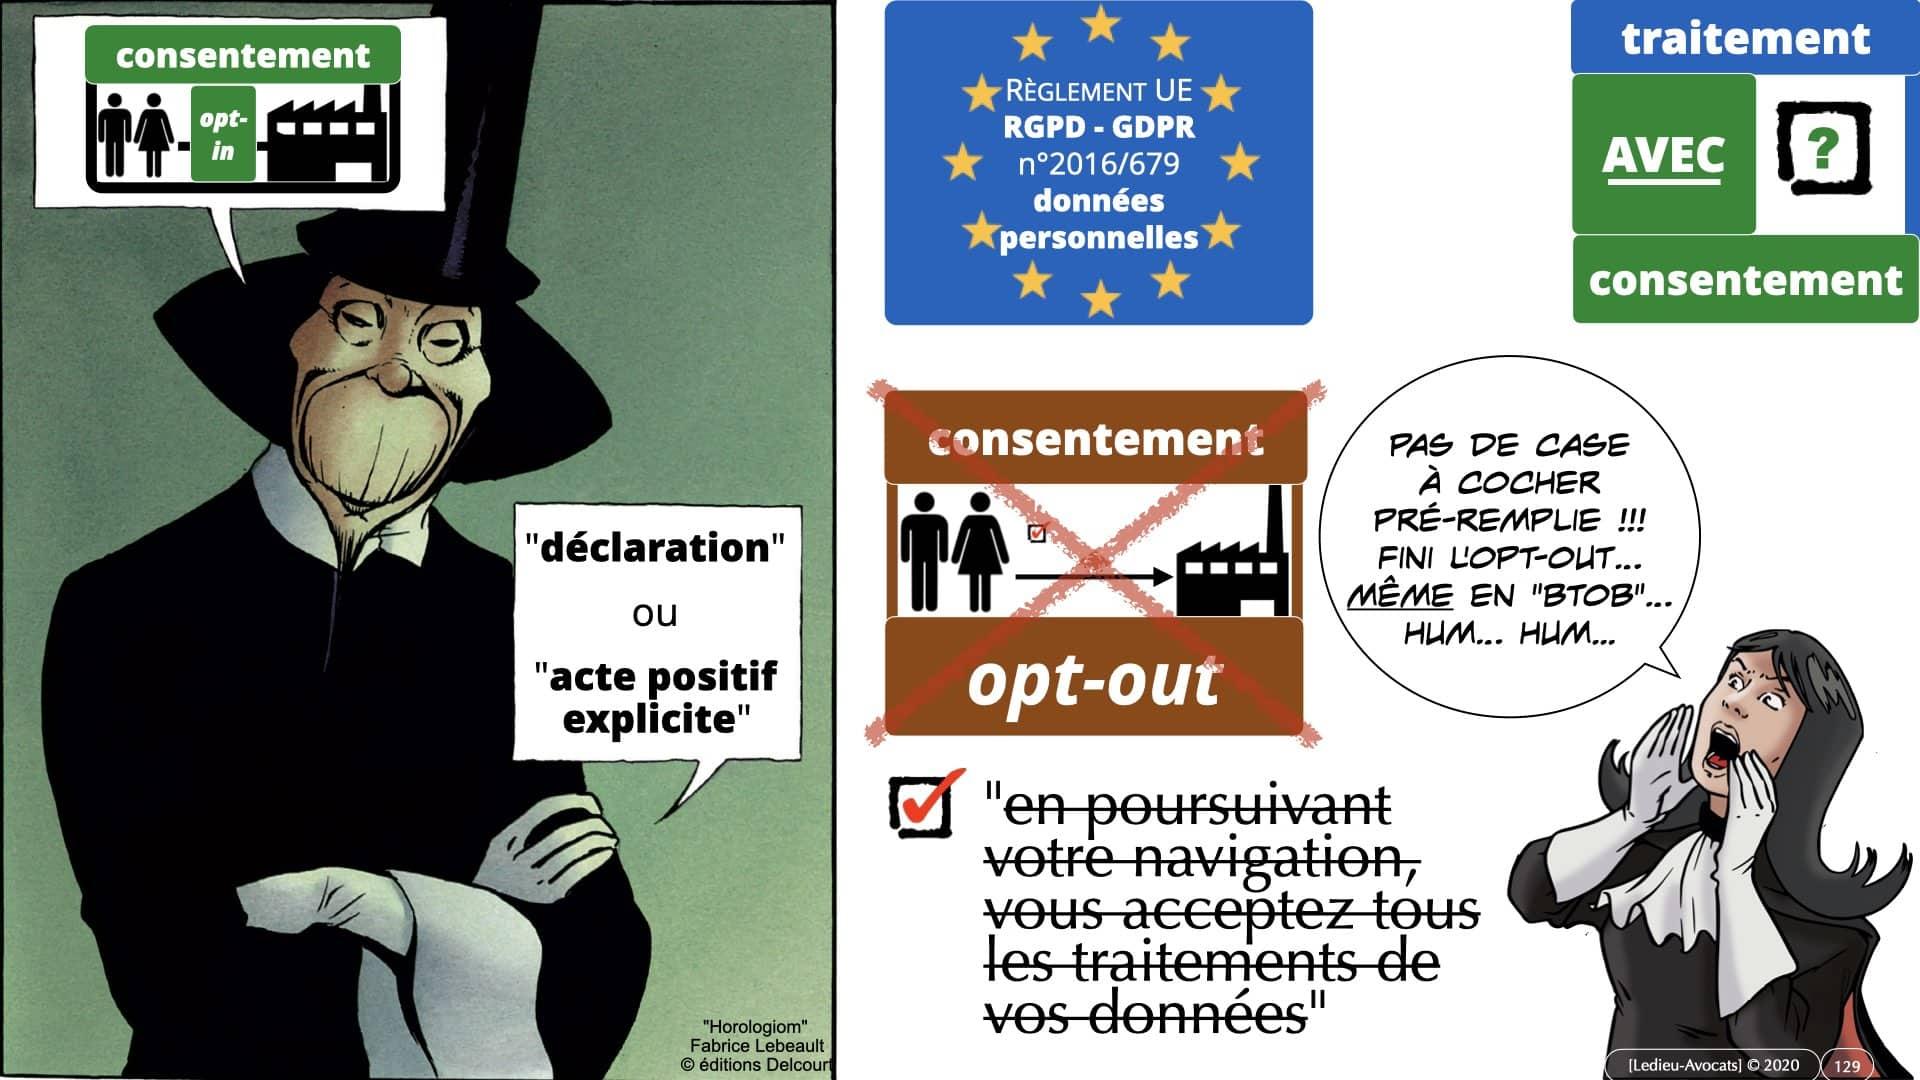 RGPD e-Privacy données personnelles jurisprudence formation Lamy Les Echos 10-02-2021 ©Ledieu-Avocats.129